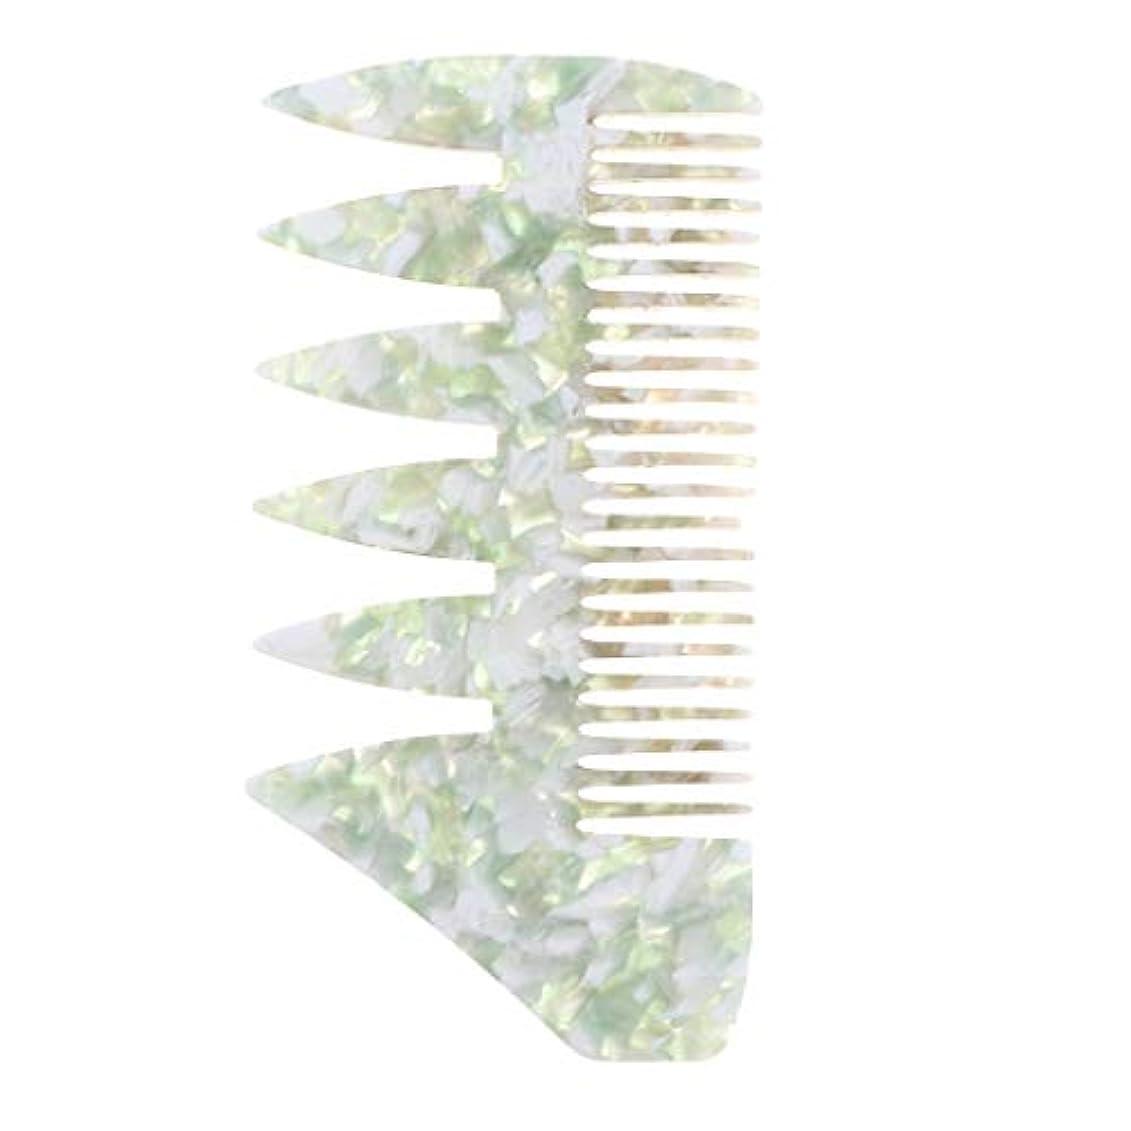 靄タービン特徴づけるヘアコーム ヘアスタイリング櫛 男性 ヘアスタイリングコーム 全4色 - 緑